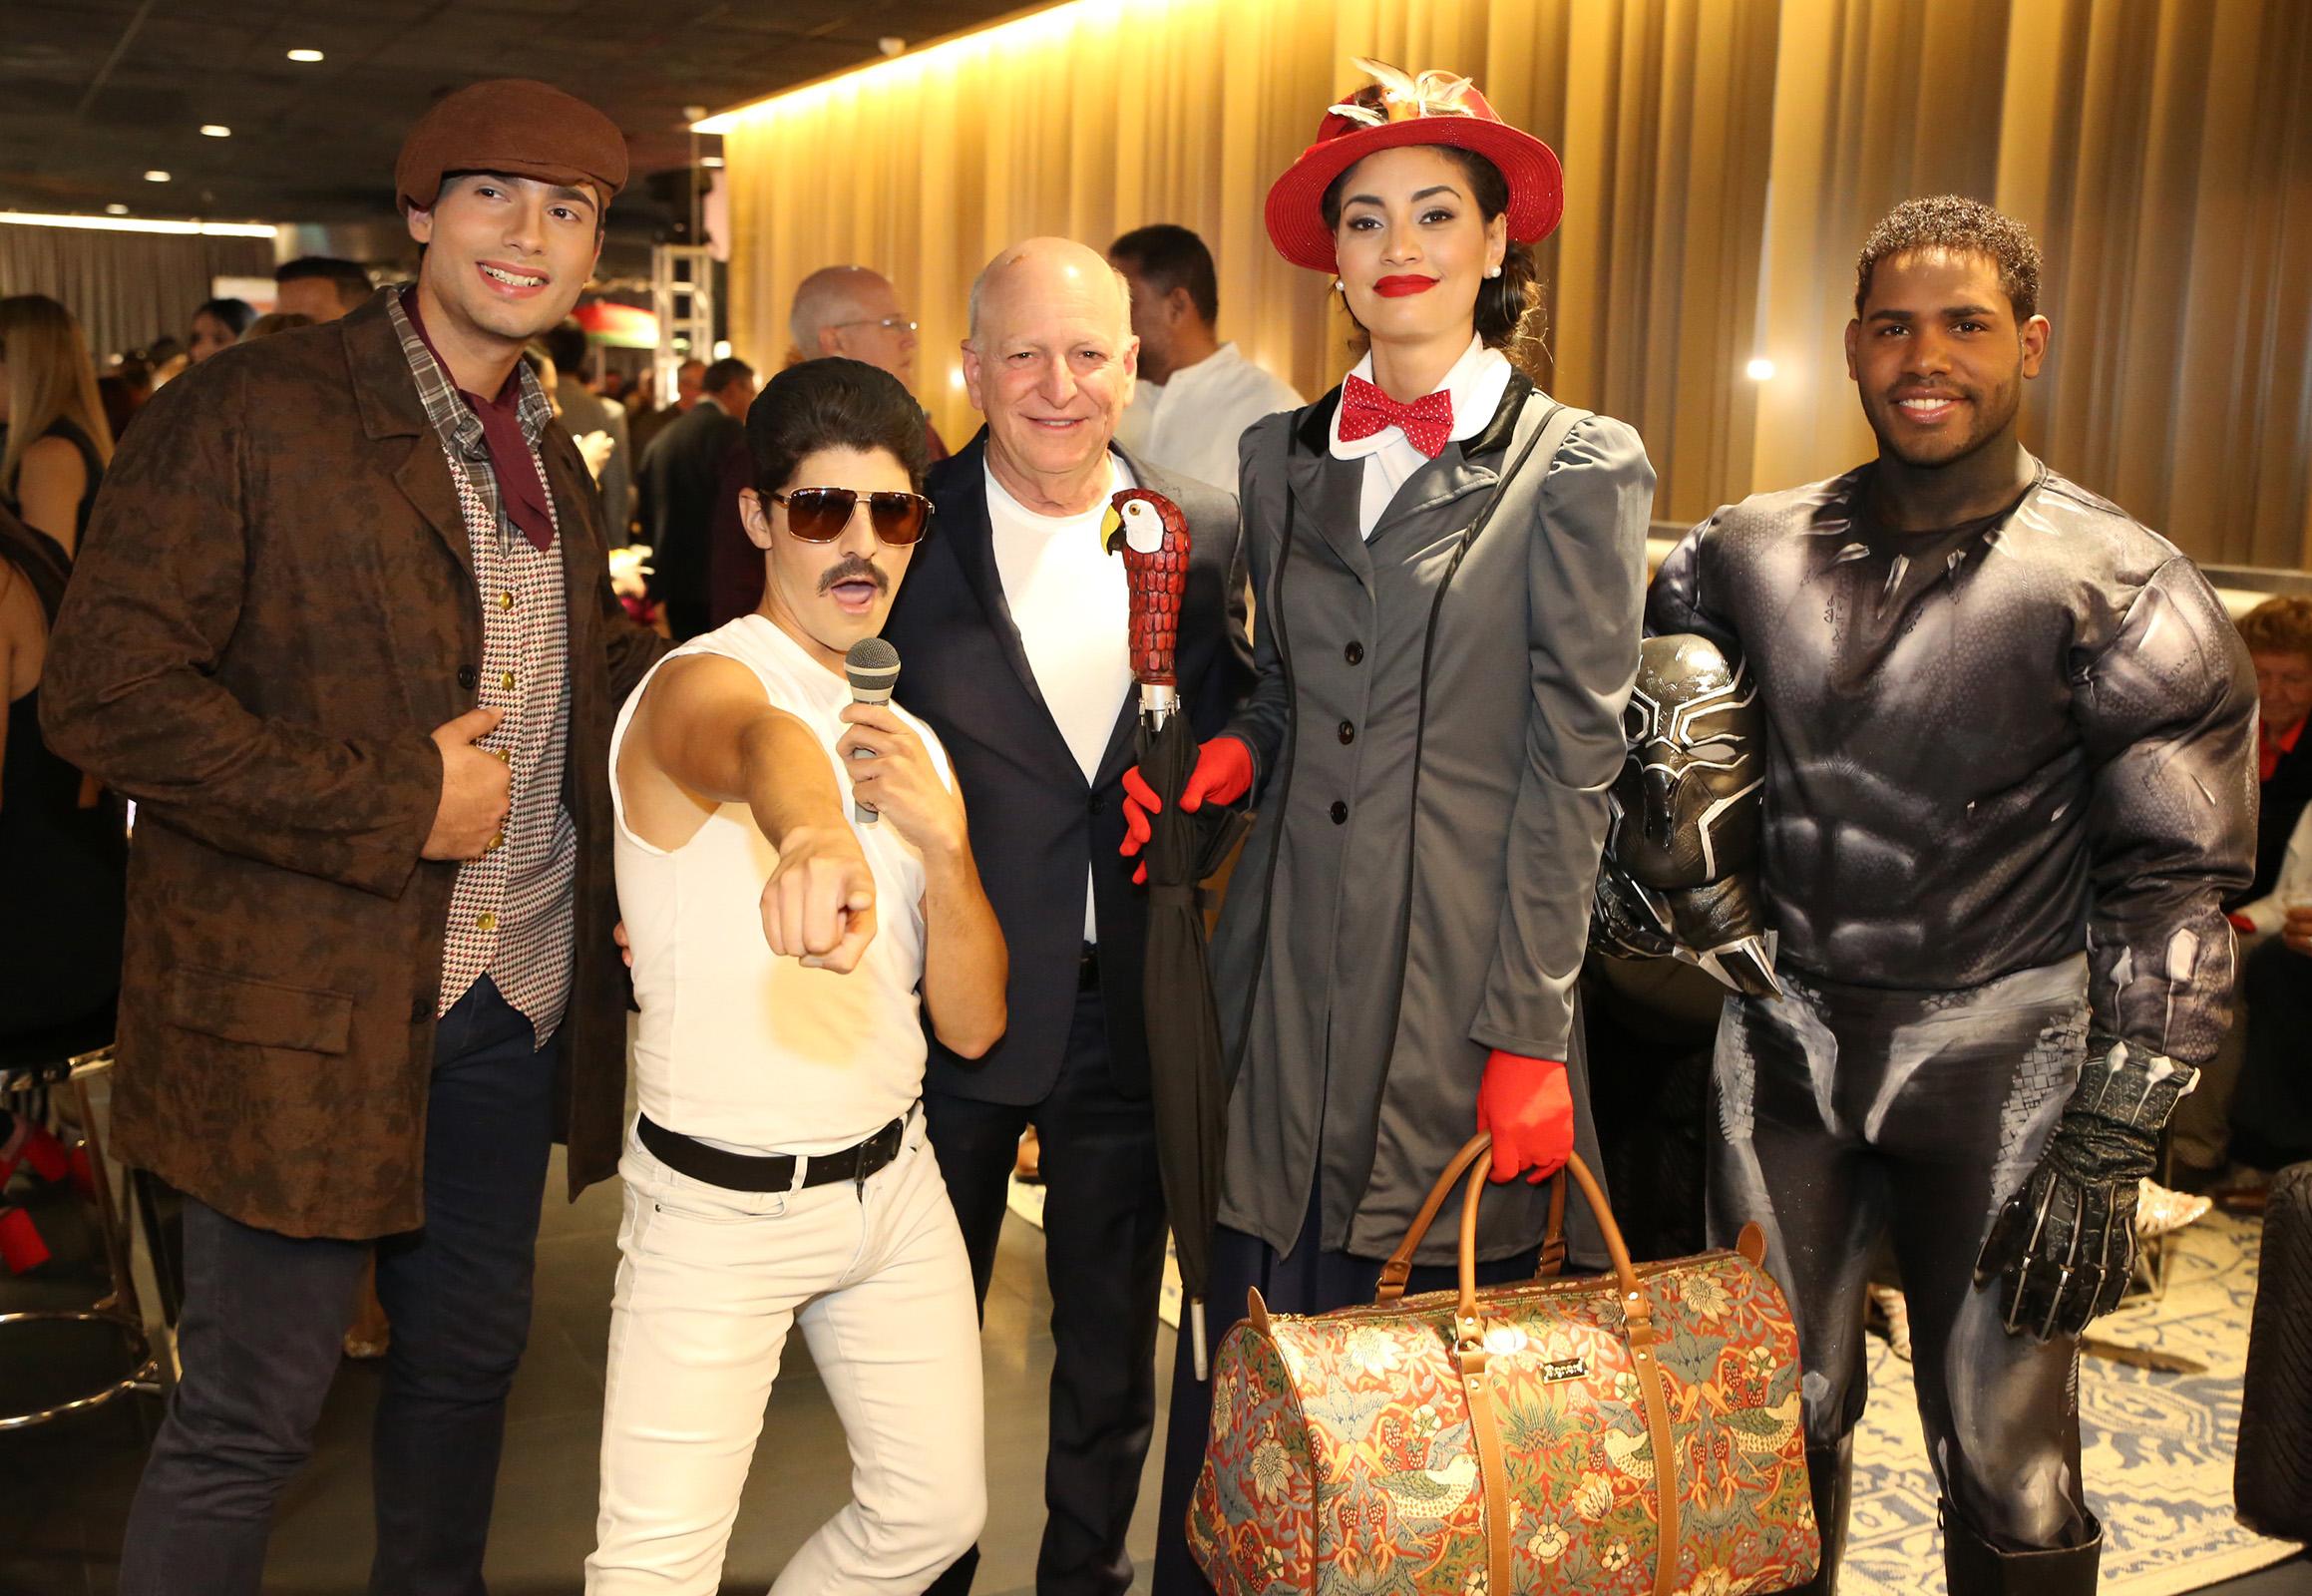 Personajes de películas como Bohemian Rhapsody, Mary Poppins, y Black Panther se paseaban entre los asistentes. (José R. Pérez Centeno)